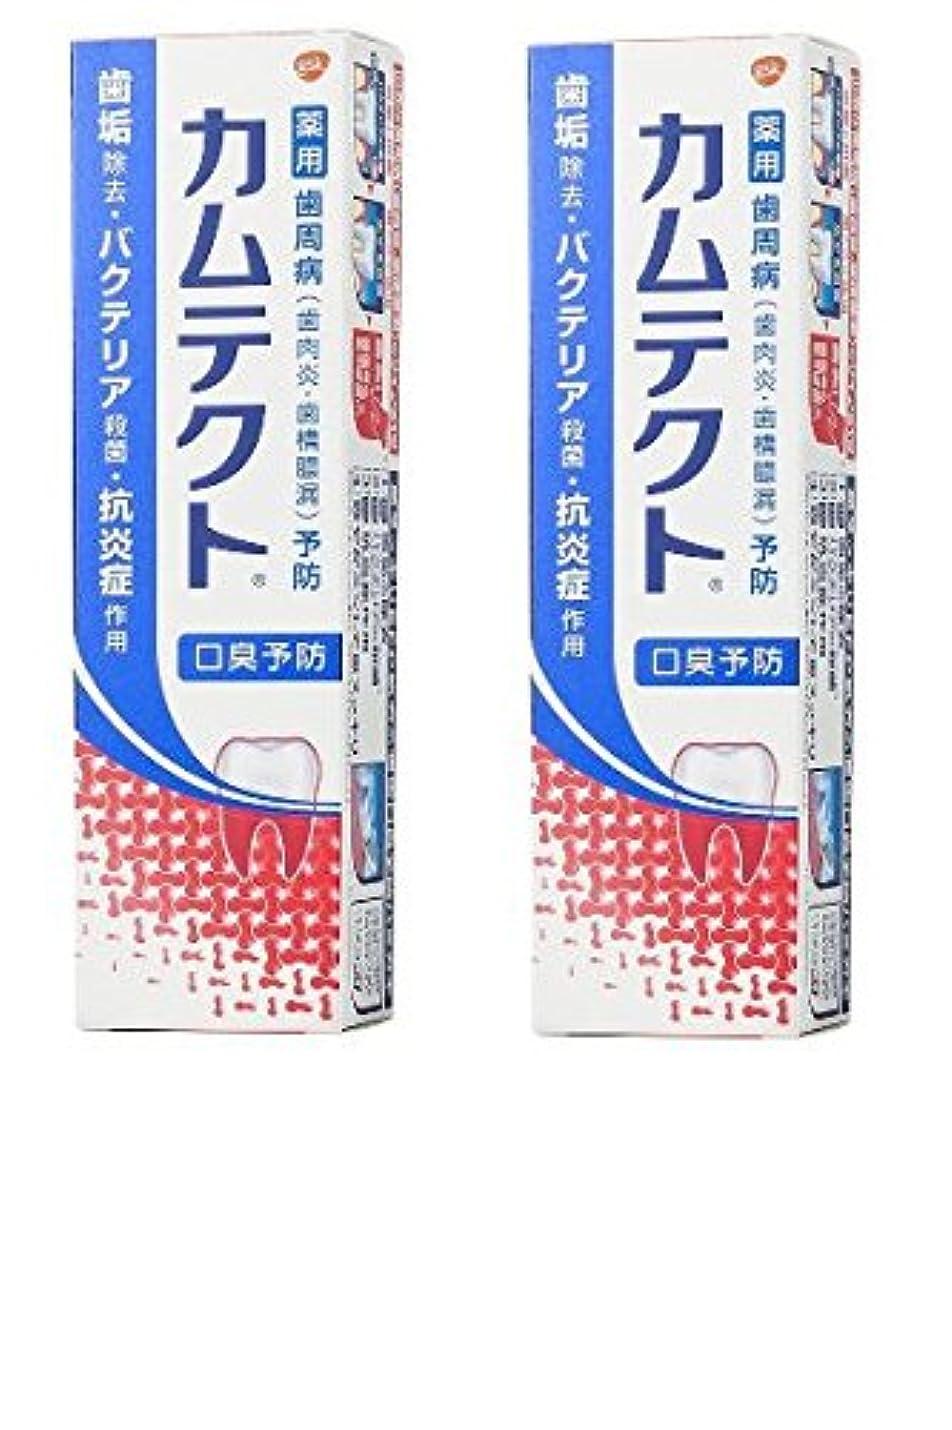 猛烈な起業家反映する【まとめ買い】カムテクト 口臭予防 歯周病(歯肉炎?歯槽膿漏) 予防 歯みがき粉 105g × 2個